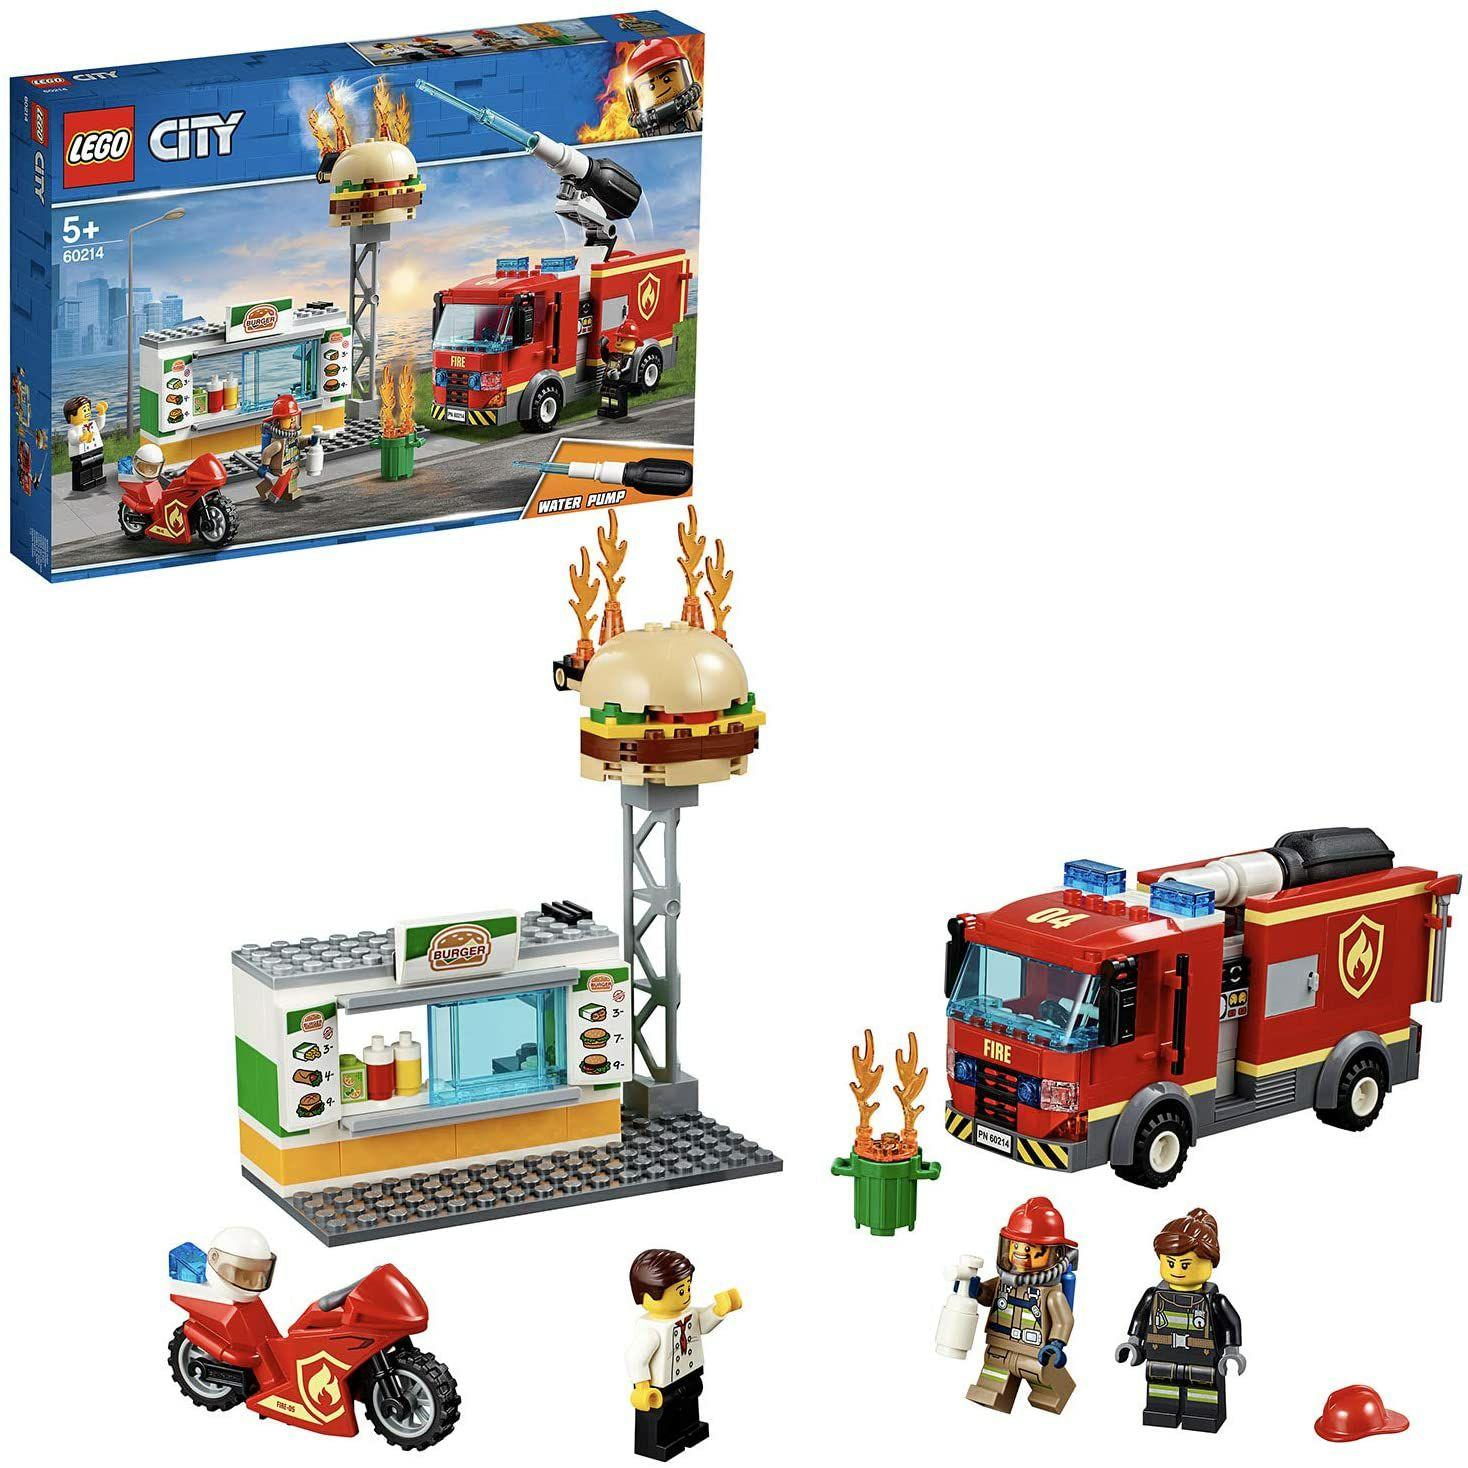 [Prime] LEGO City 60214 Feuerwehreinsatz im Burger-Restaurant